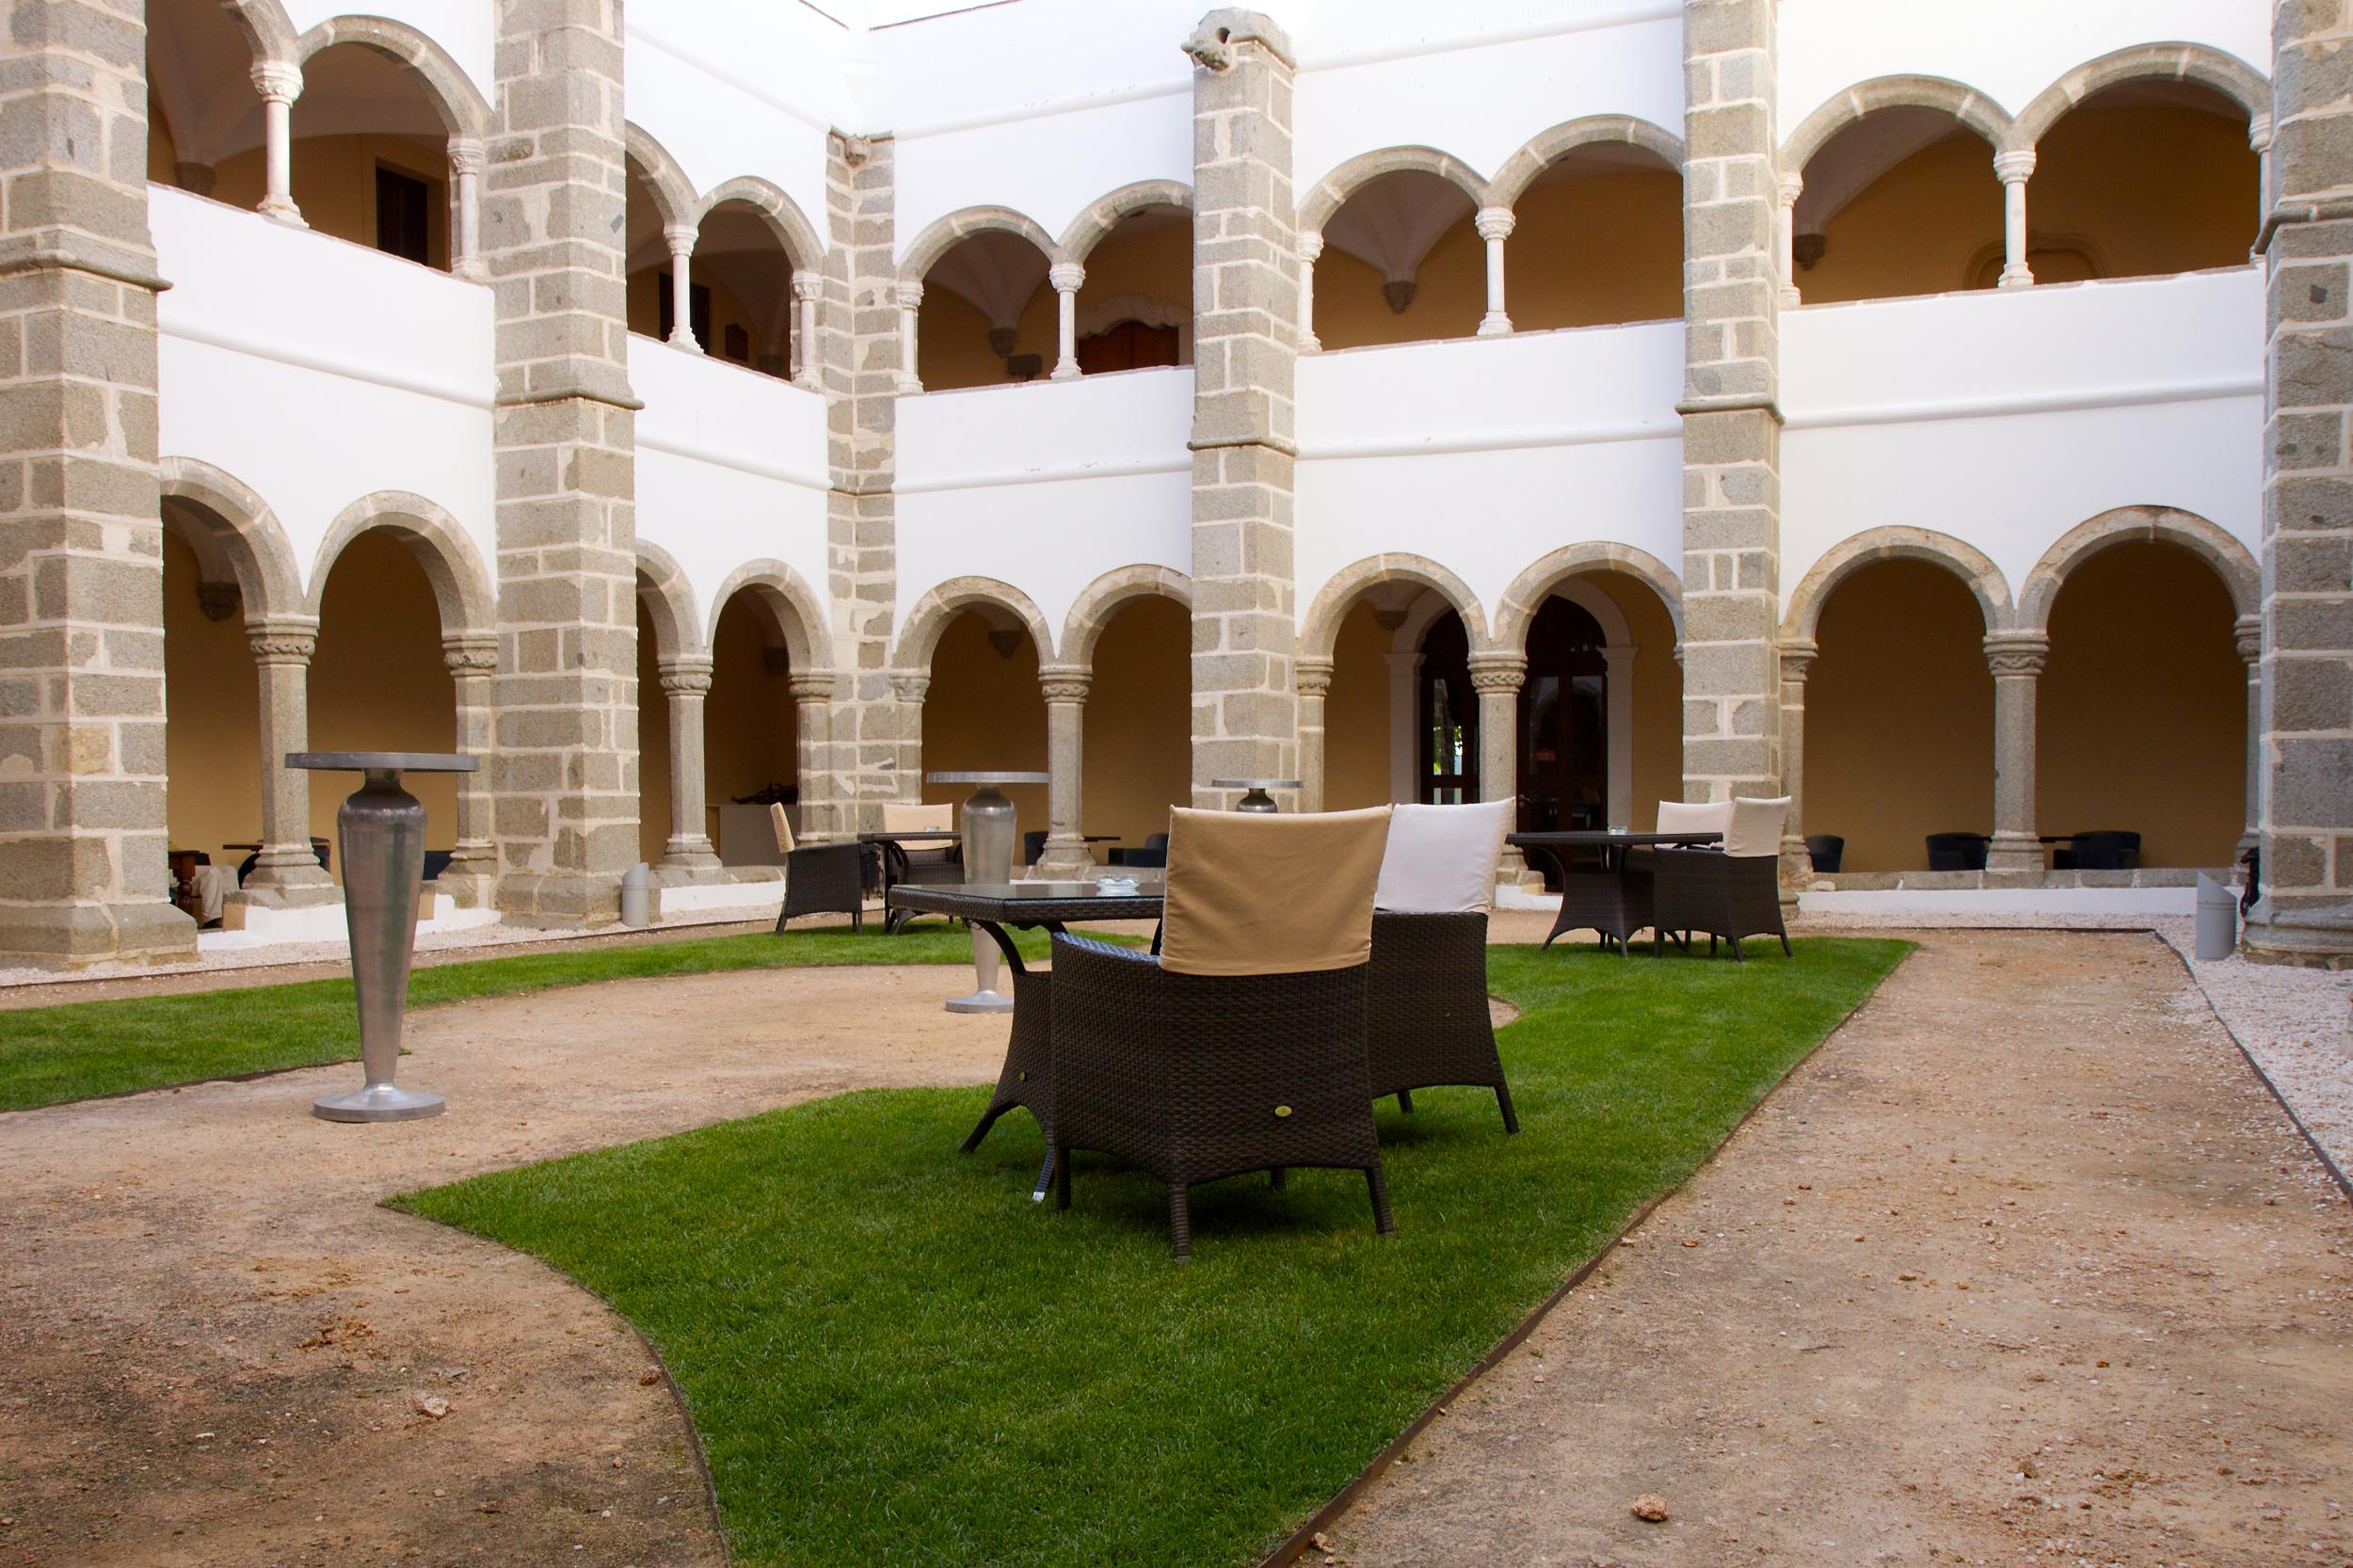 Convento-Do-Espinheiro-juillet-2013-621.jpg